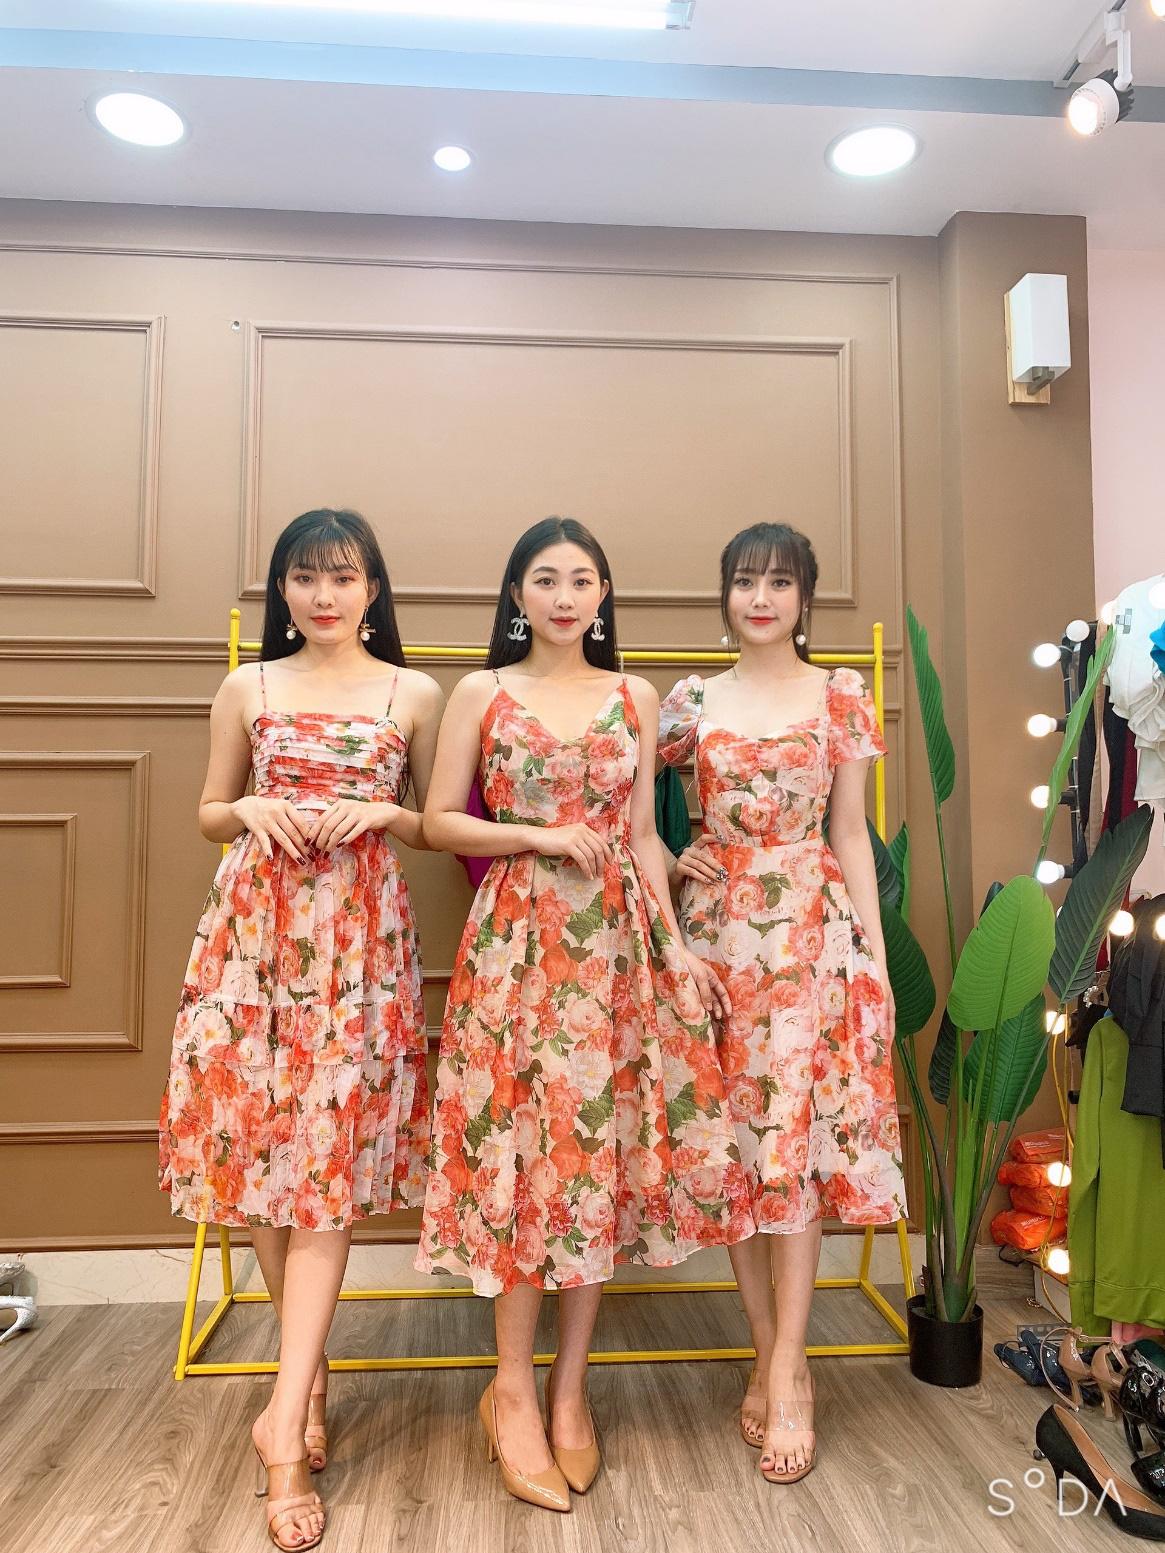 MONOCO: Sự hòa quyện mới mẻ giữa thời trang váy dạ tiệc và cuộc sống - Ảnh 2.